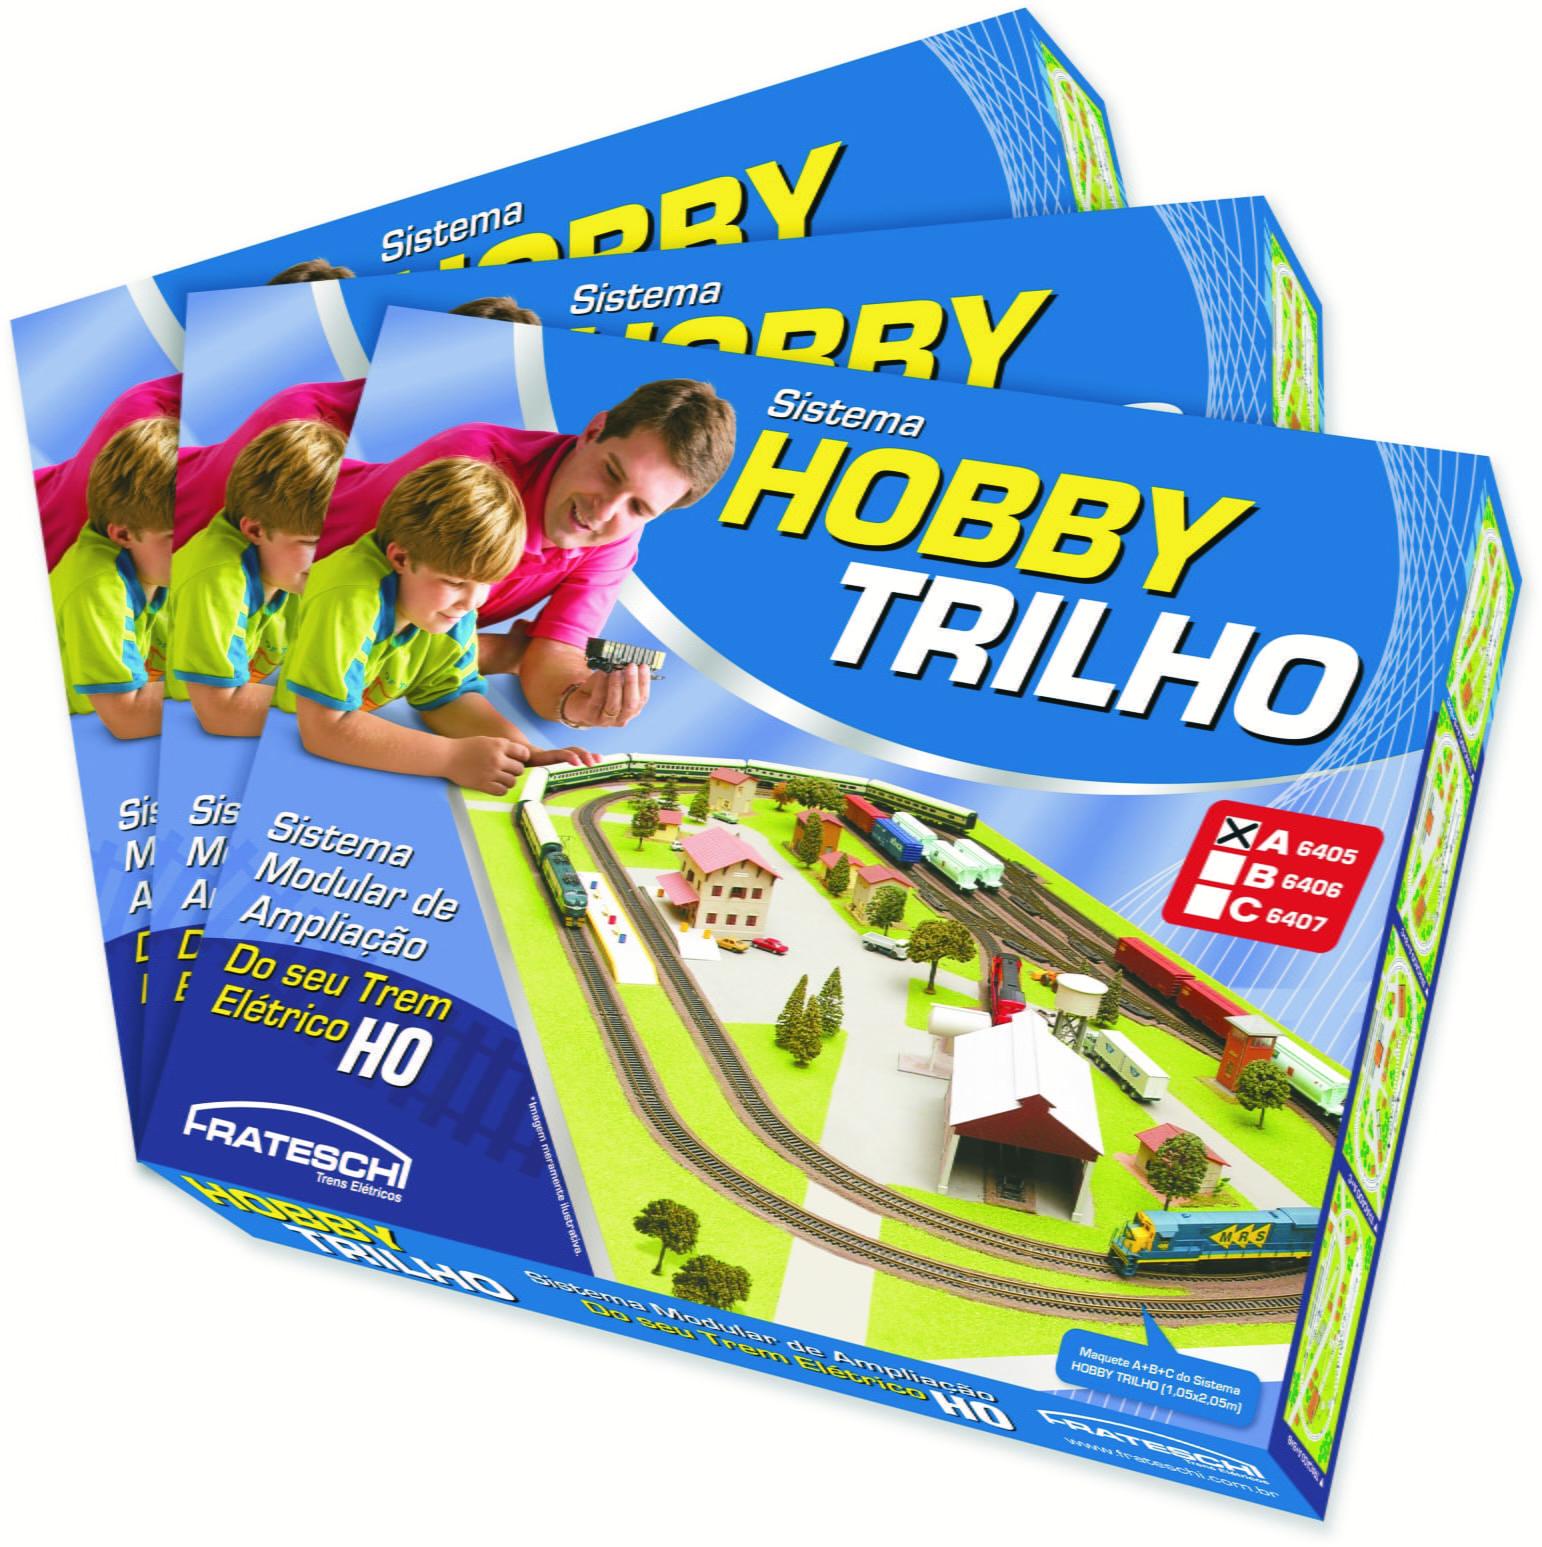 """HOBBY TRILHO """"C"""" - 6407"""